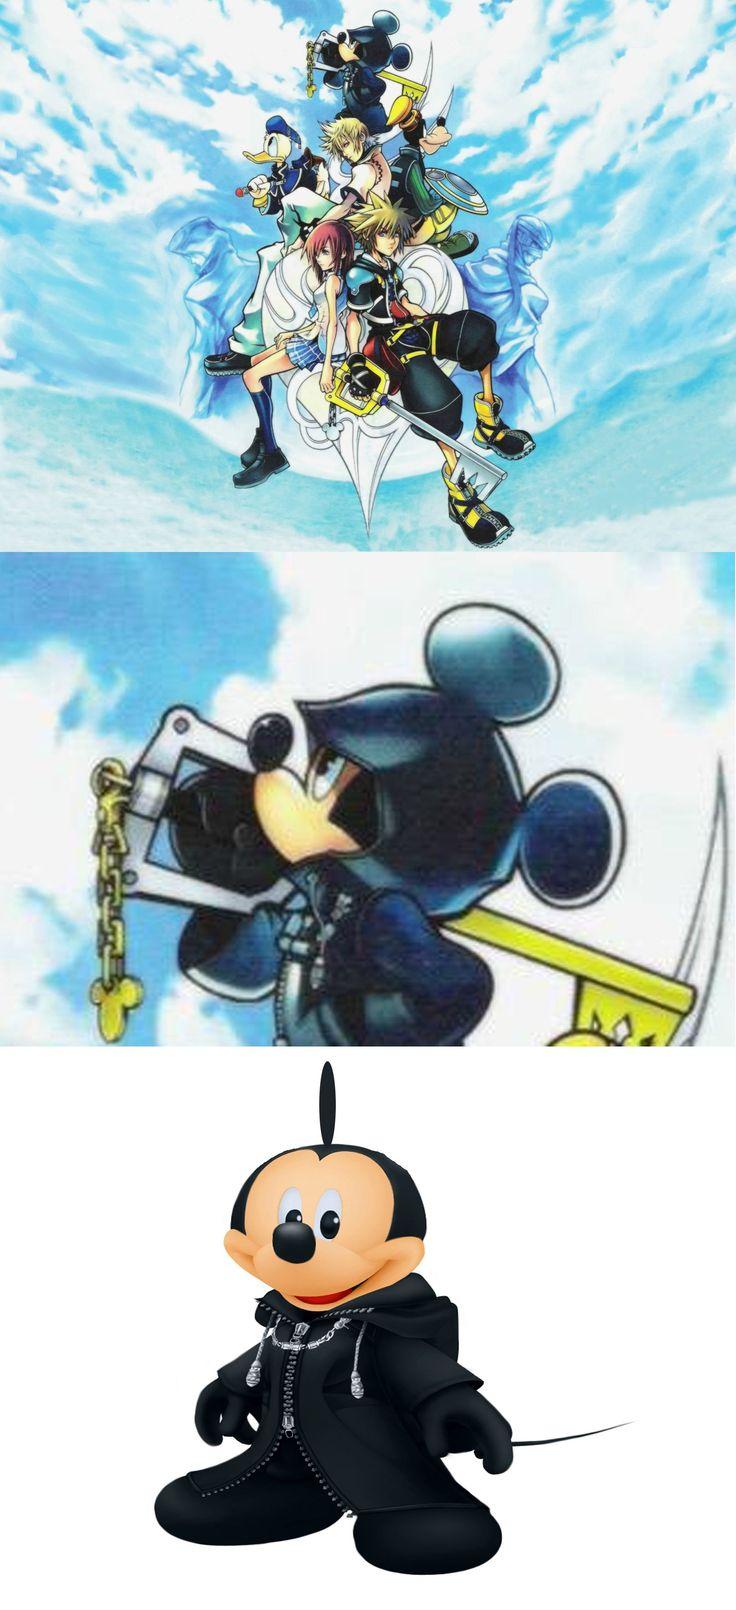 Mickey Mouse's Ears in Kingdom Hearts II.